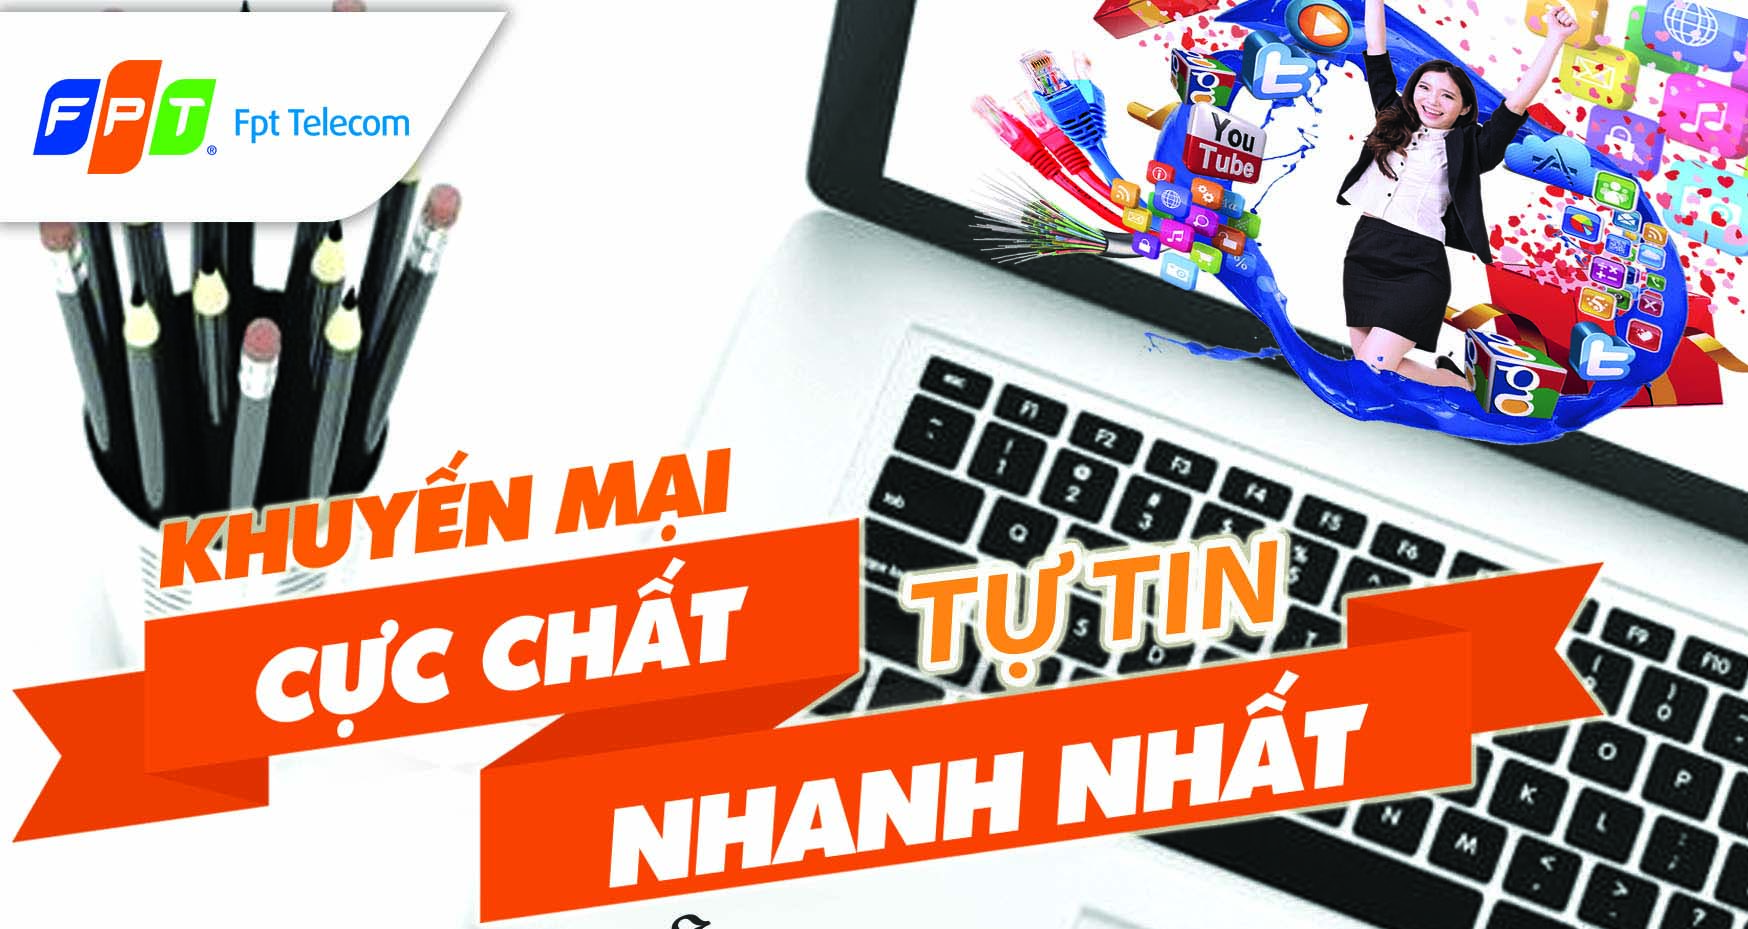 Siêu khuyến mãi Lắp mạng FPT tháng 4/2019 - Cáp Quang FPT